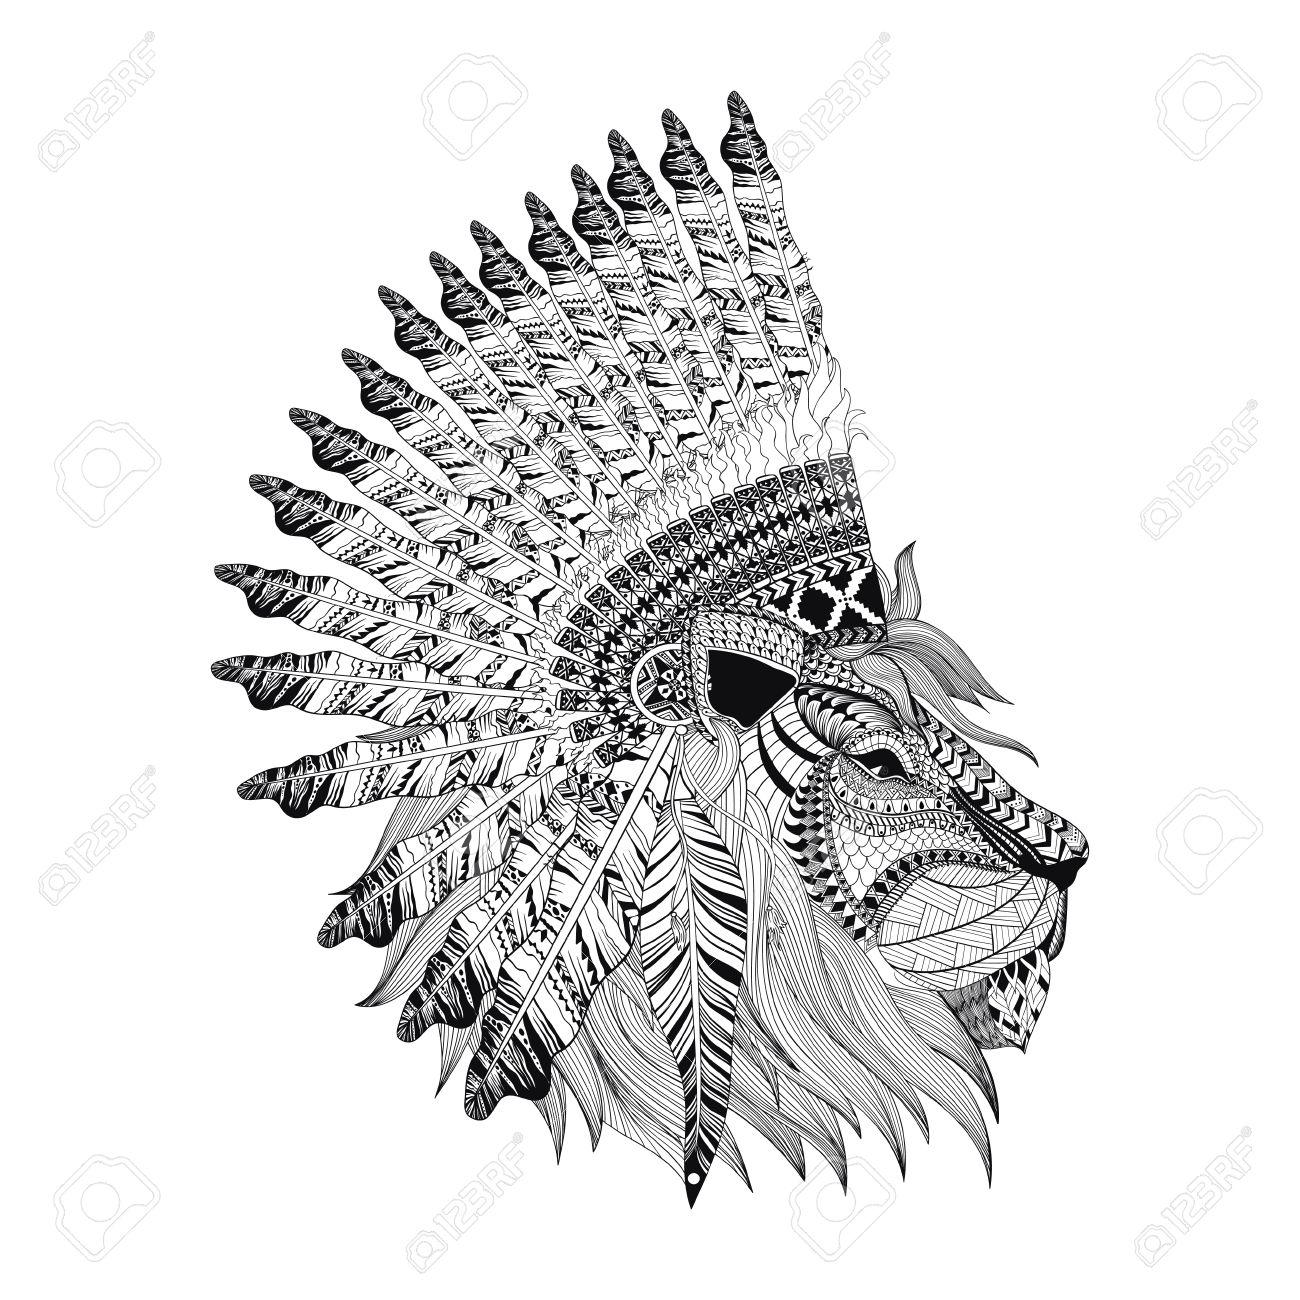 Lion Gesicht Mit Gefiederten Krieg Bannet In Zentangle Art, Hoch ...